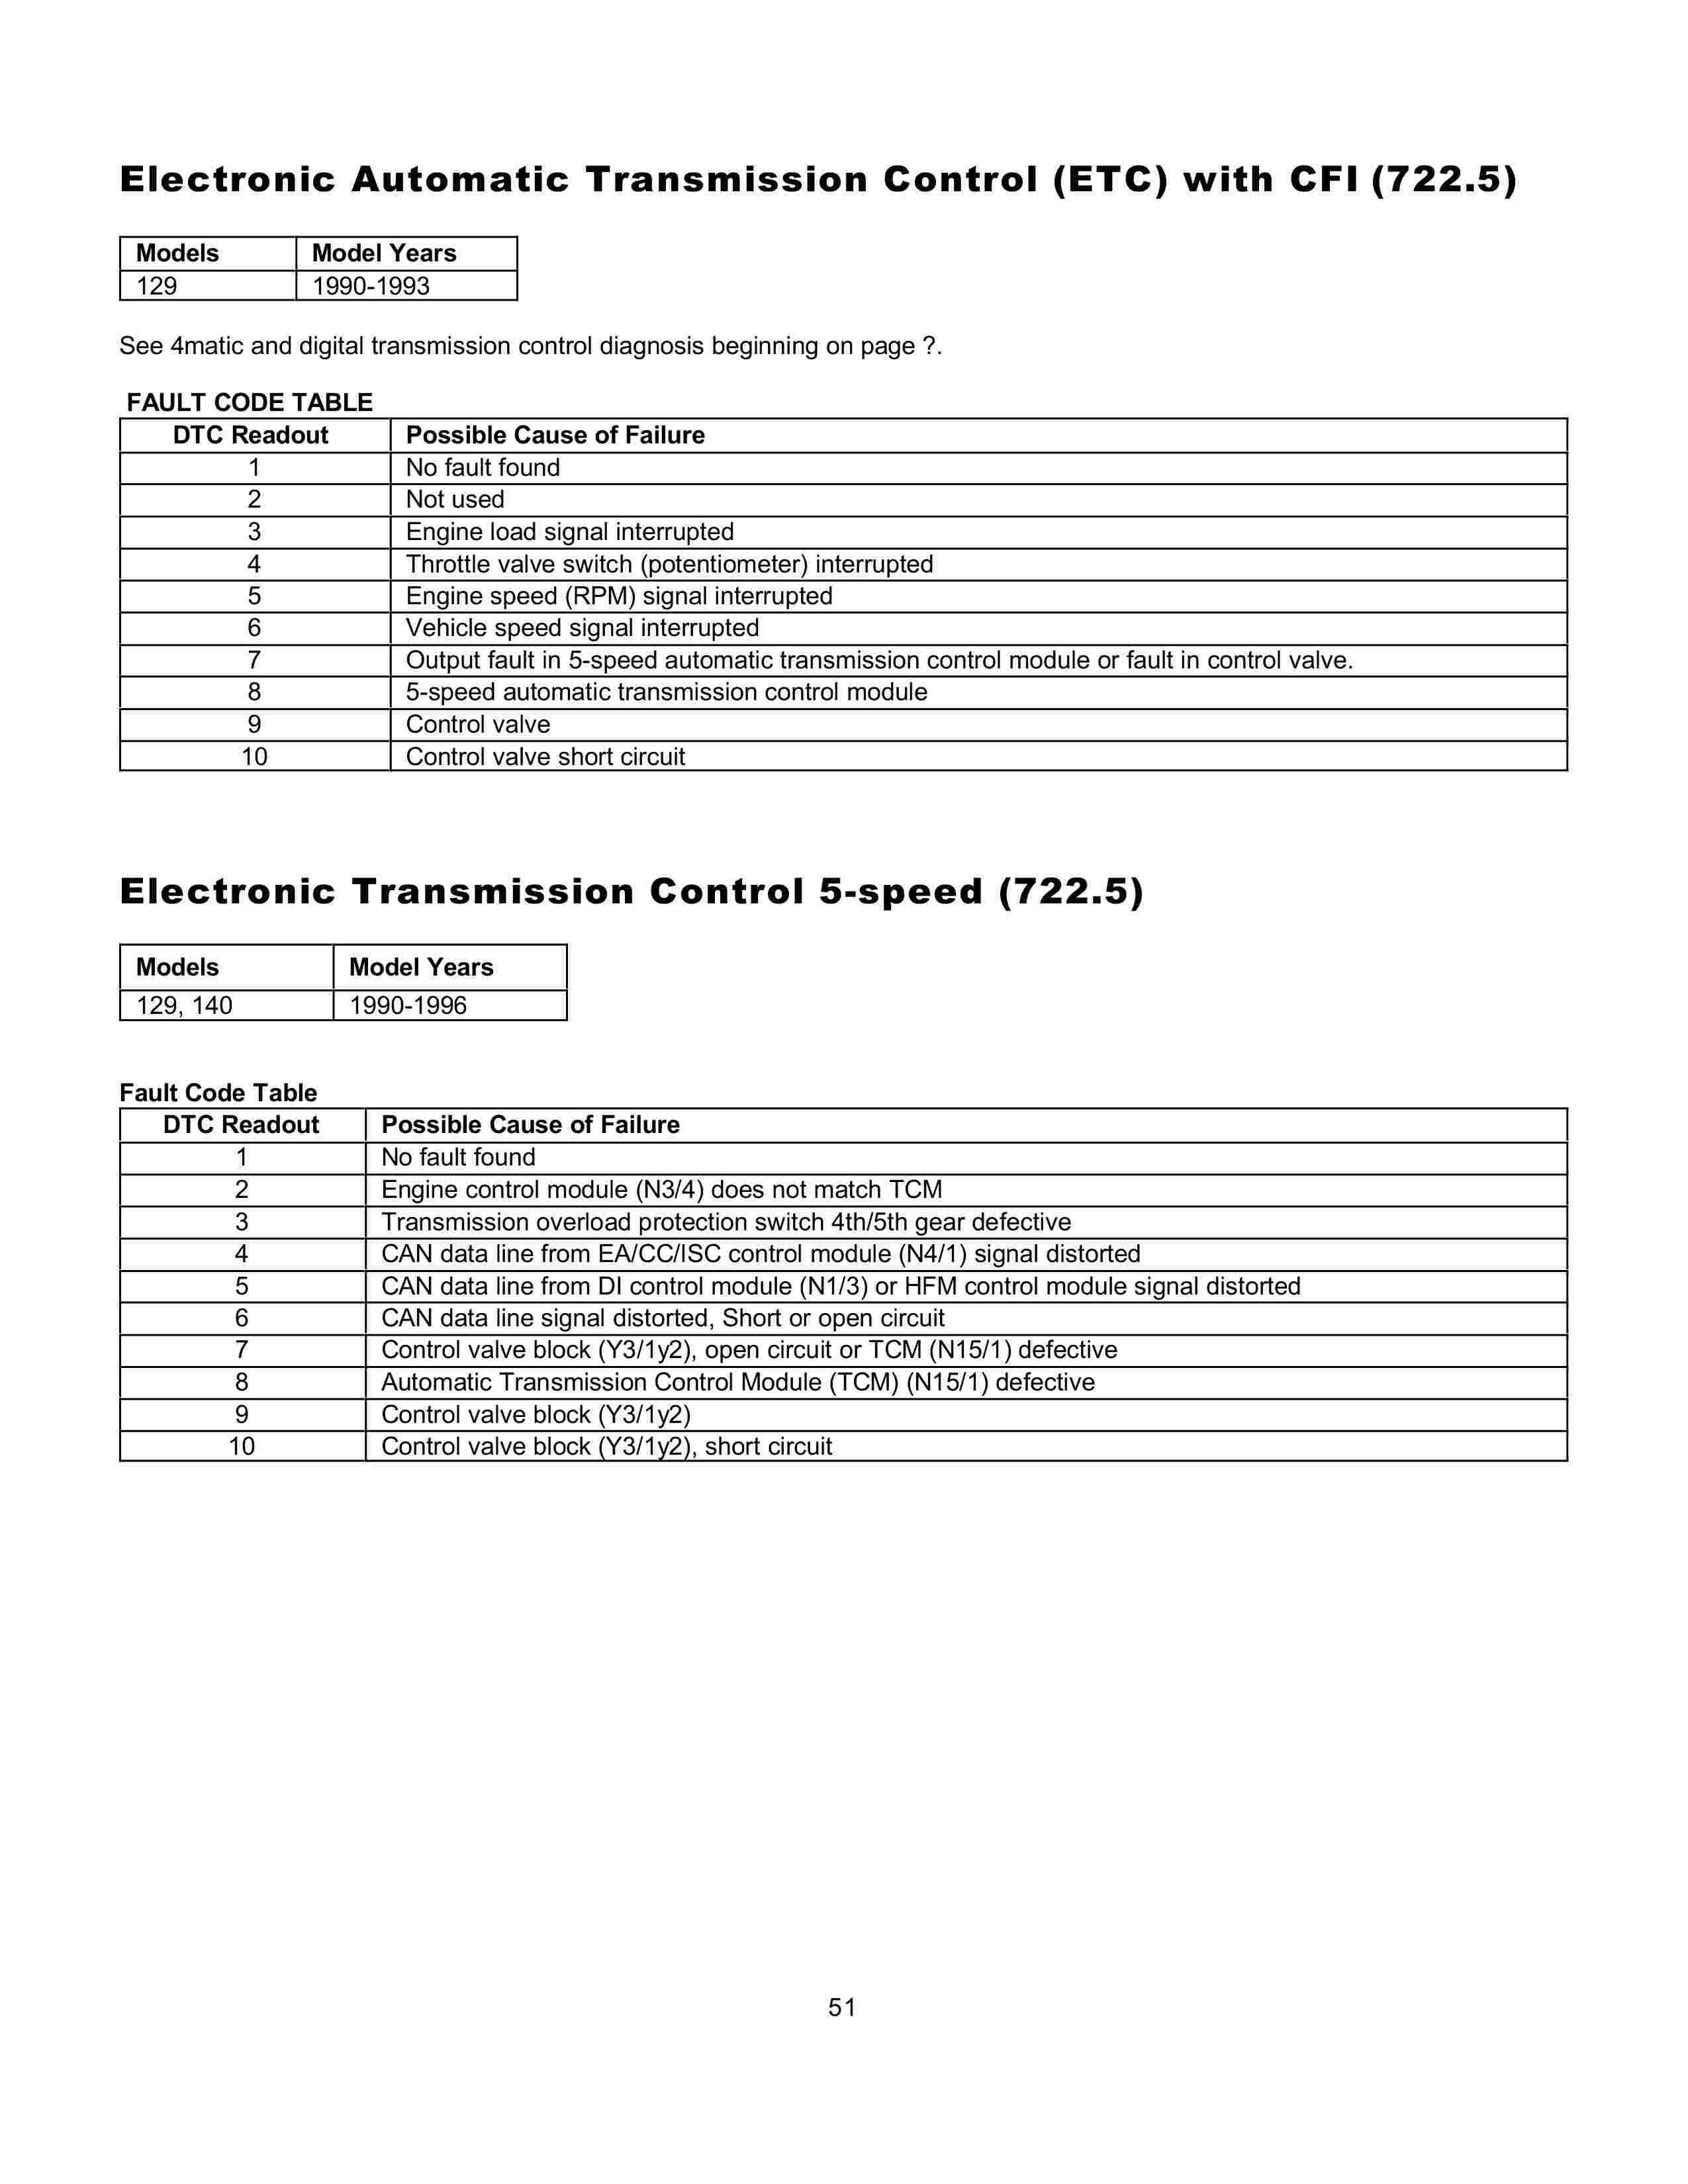 (AJUDA GERAL): Manual de códigos das falhas - analógico e digital - 1988 a 2000 0051_112